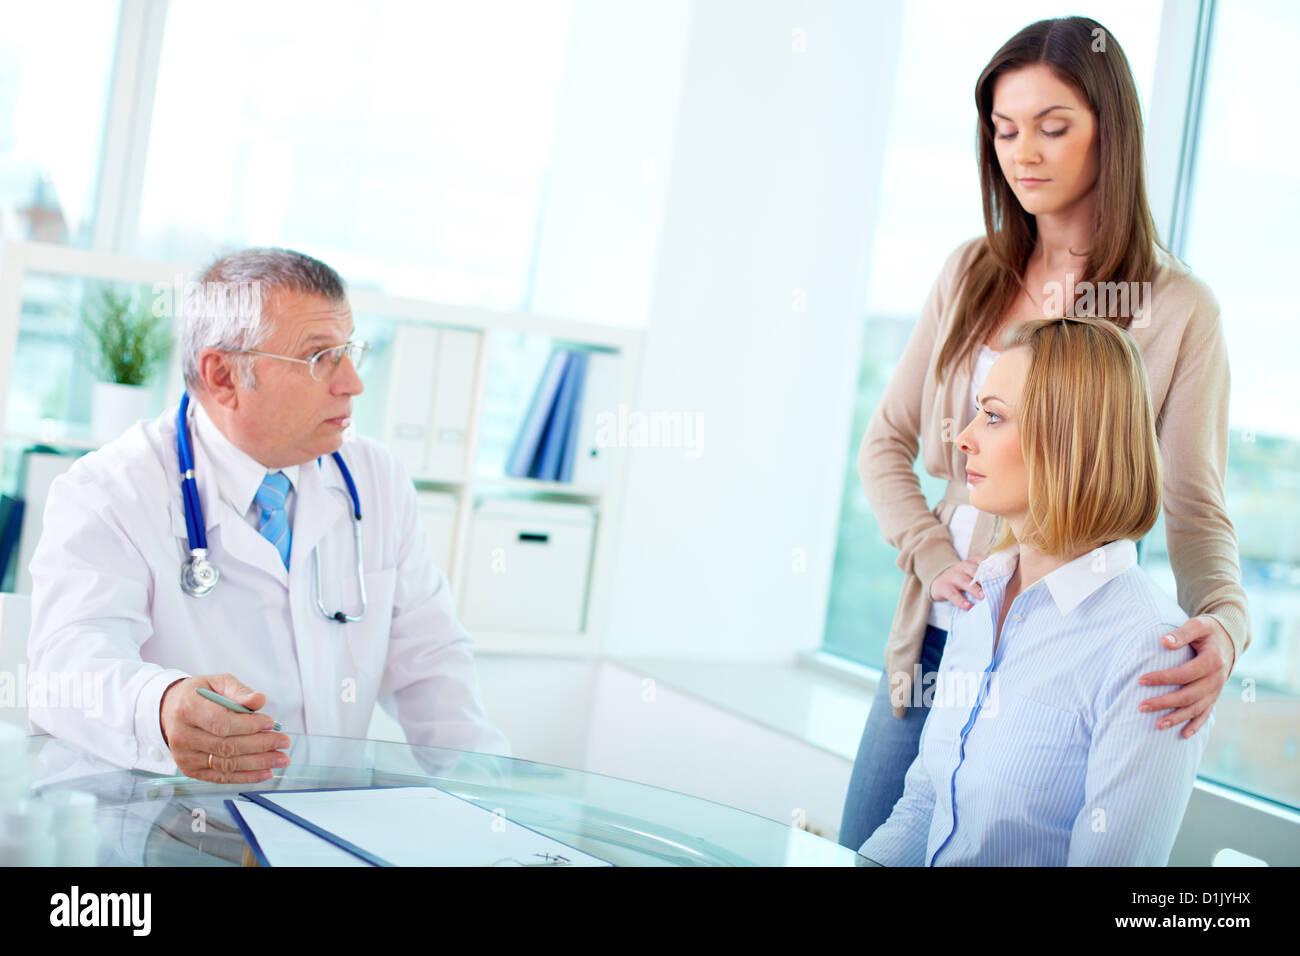 1f8595f3b3bad Portrait de femme mature et médecin interagissant à la consultation  médicale à l hôpital